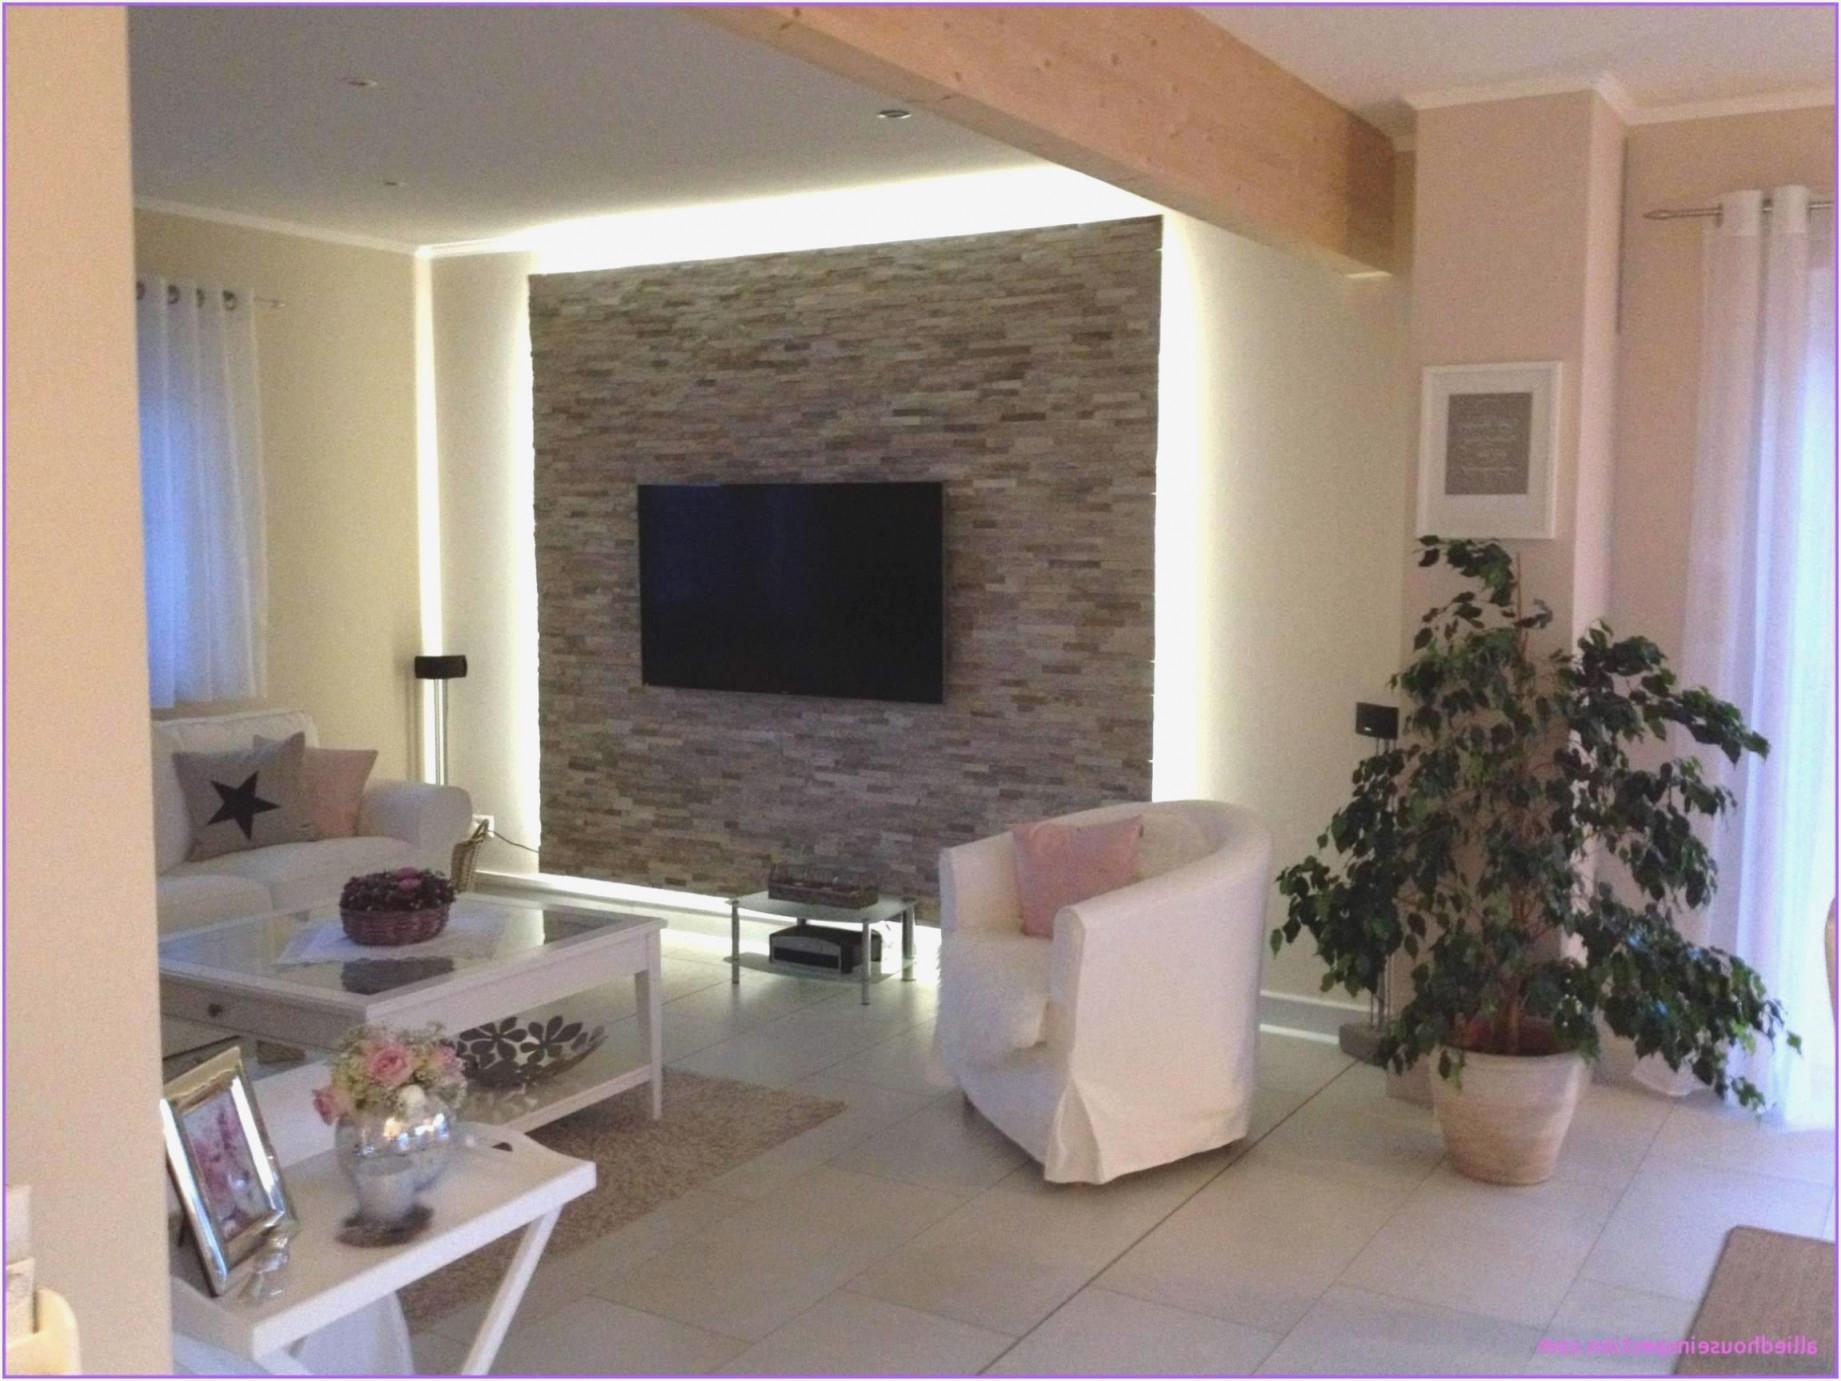 Moderne Wandgestaltung Fr Wohnzimmer  Wohnzimmer von Moderne Wandgestaltung Wohnzimmer Photo